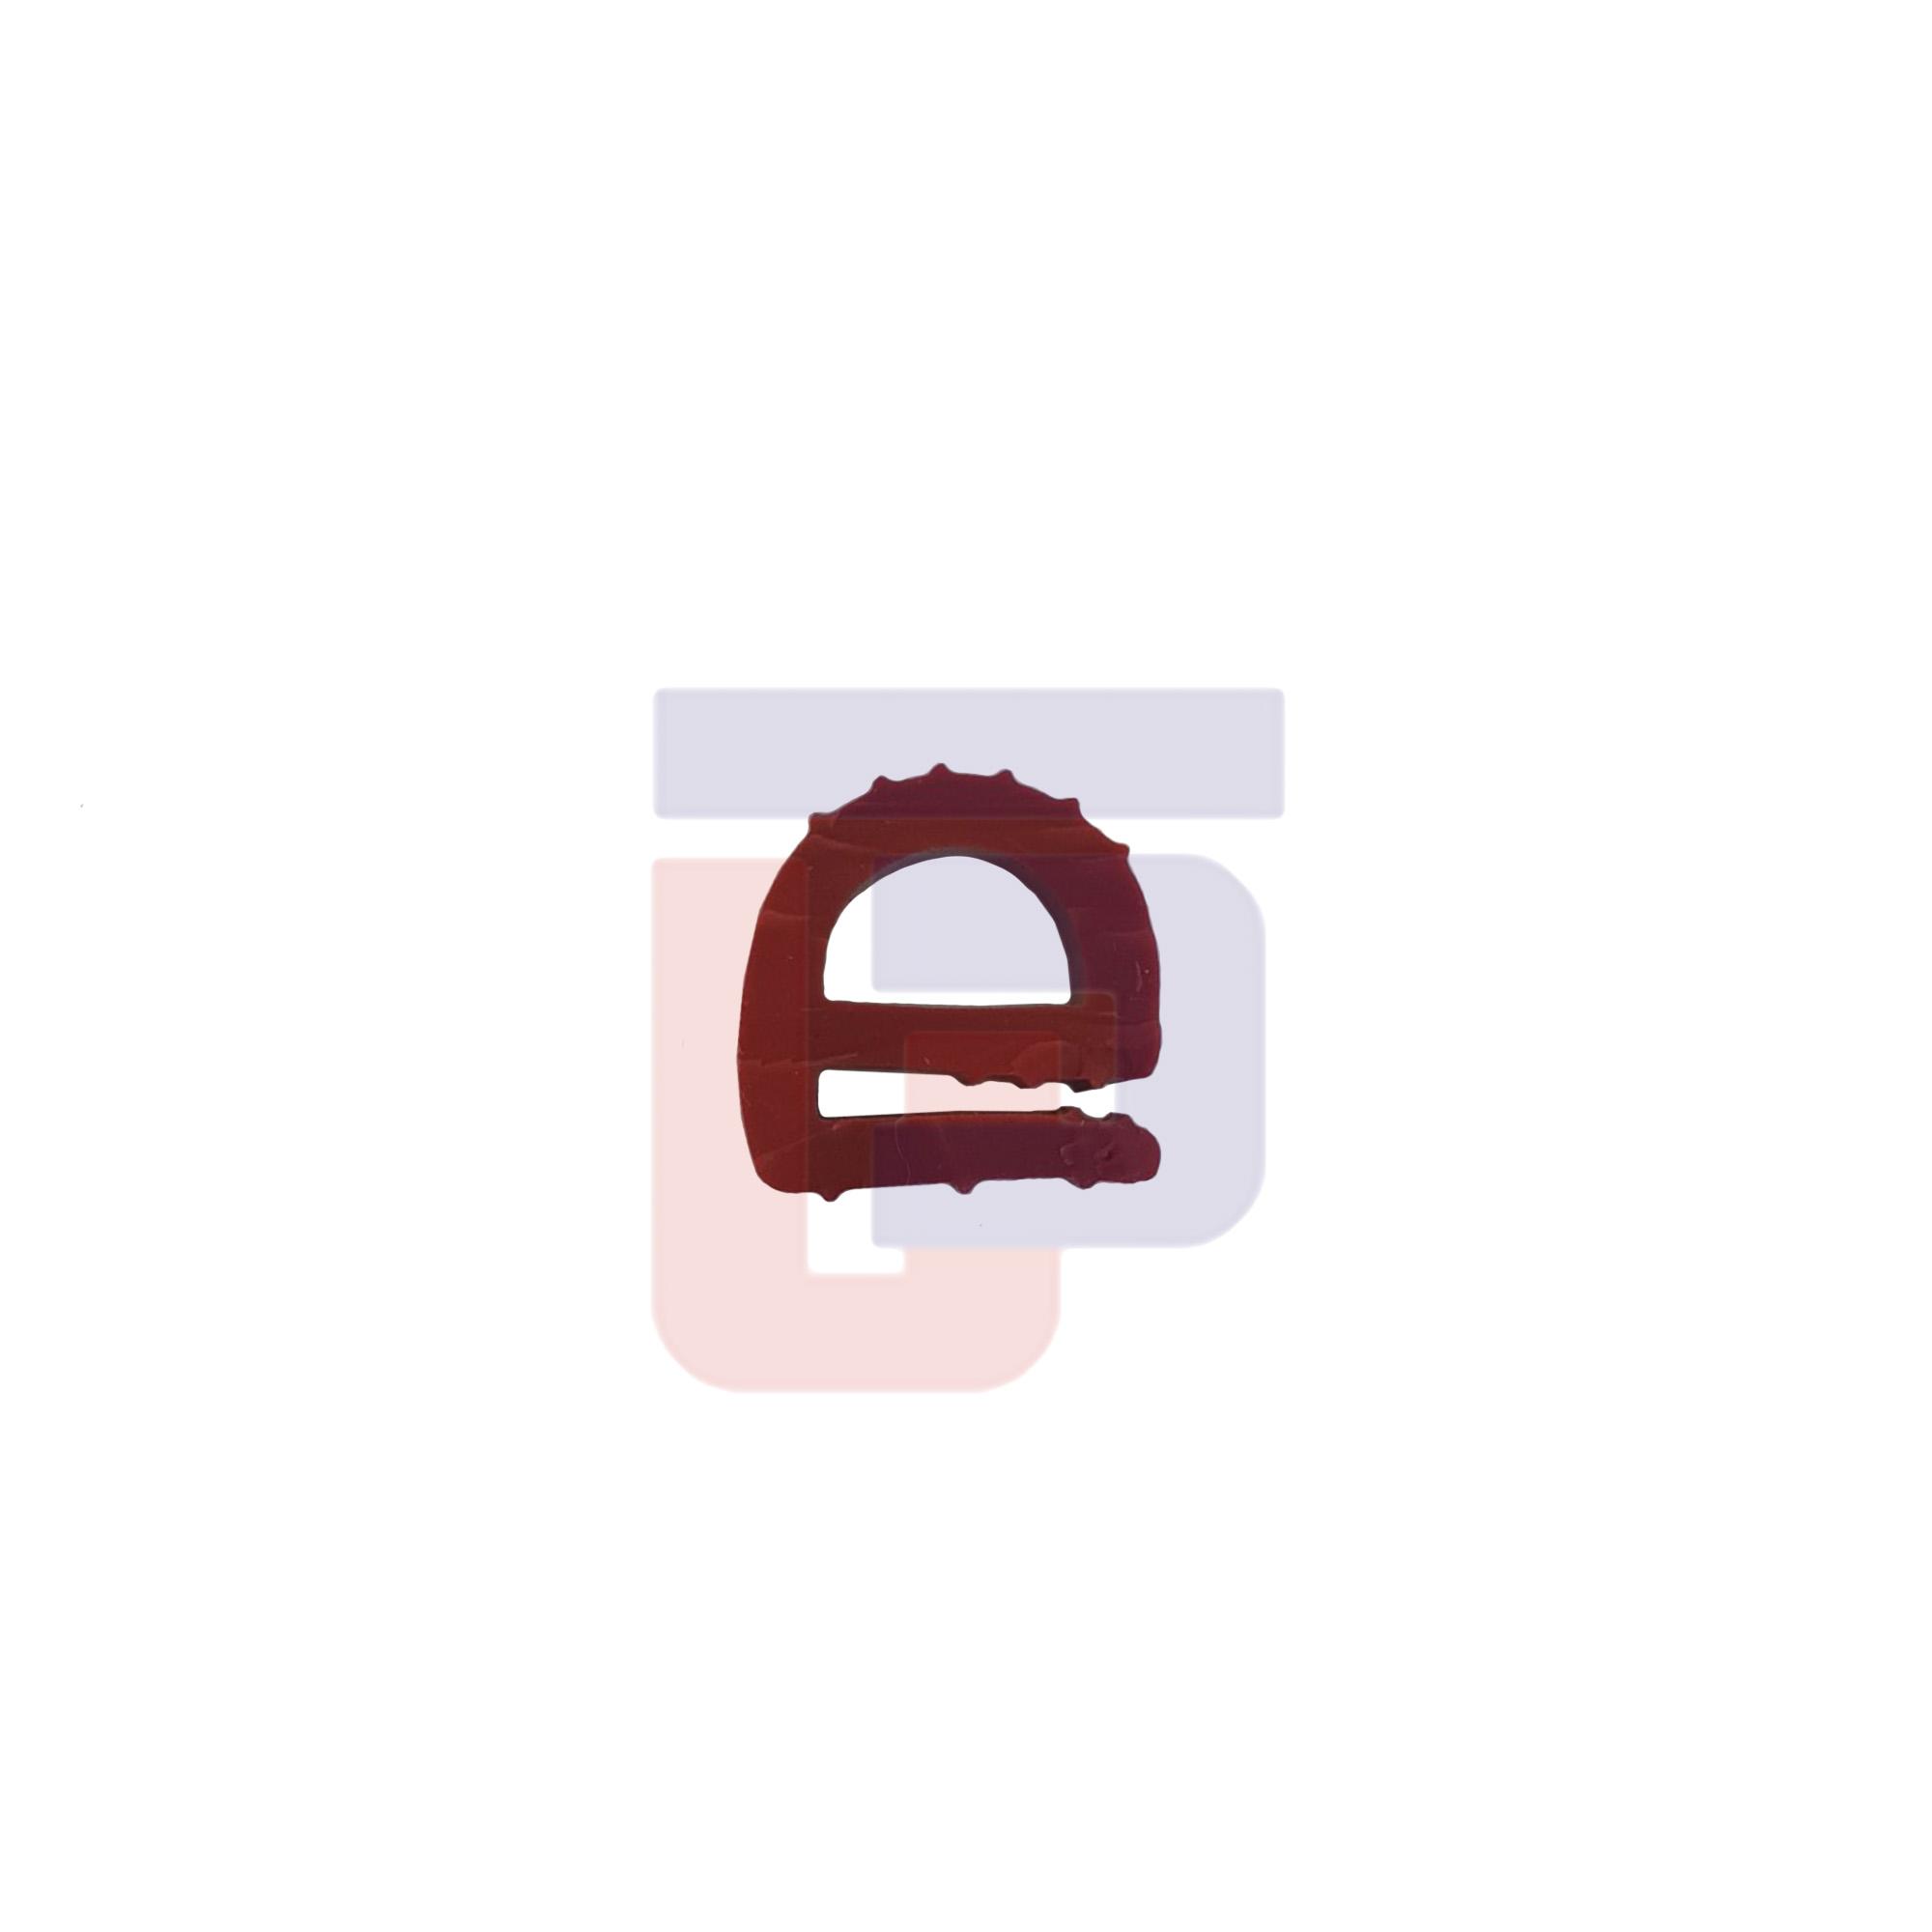 Perfil de Silicone para Forno Tipo e - vermelho